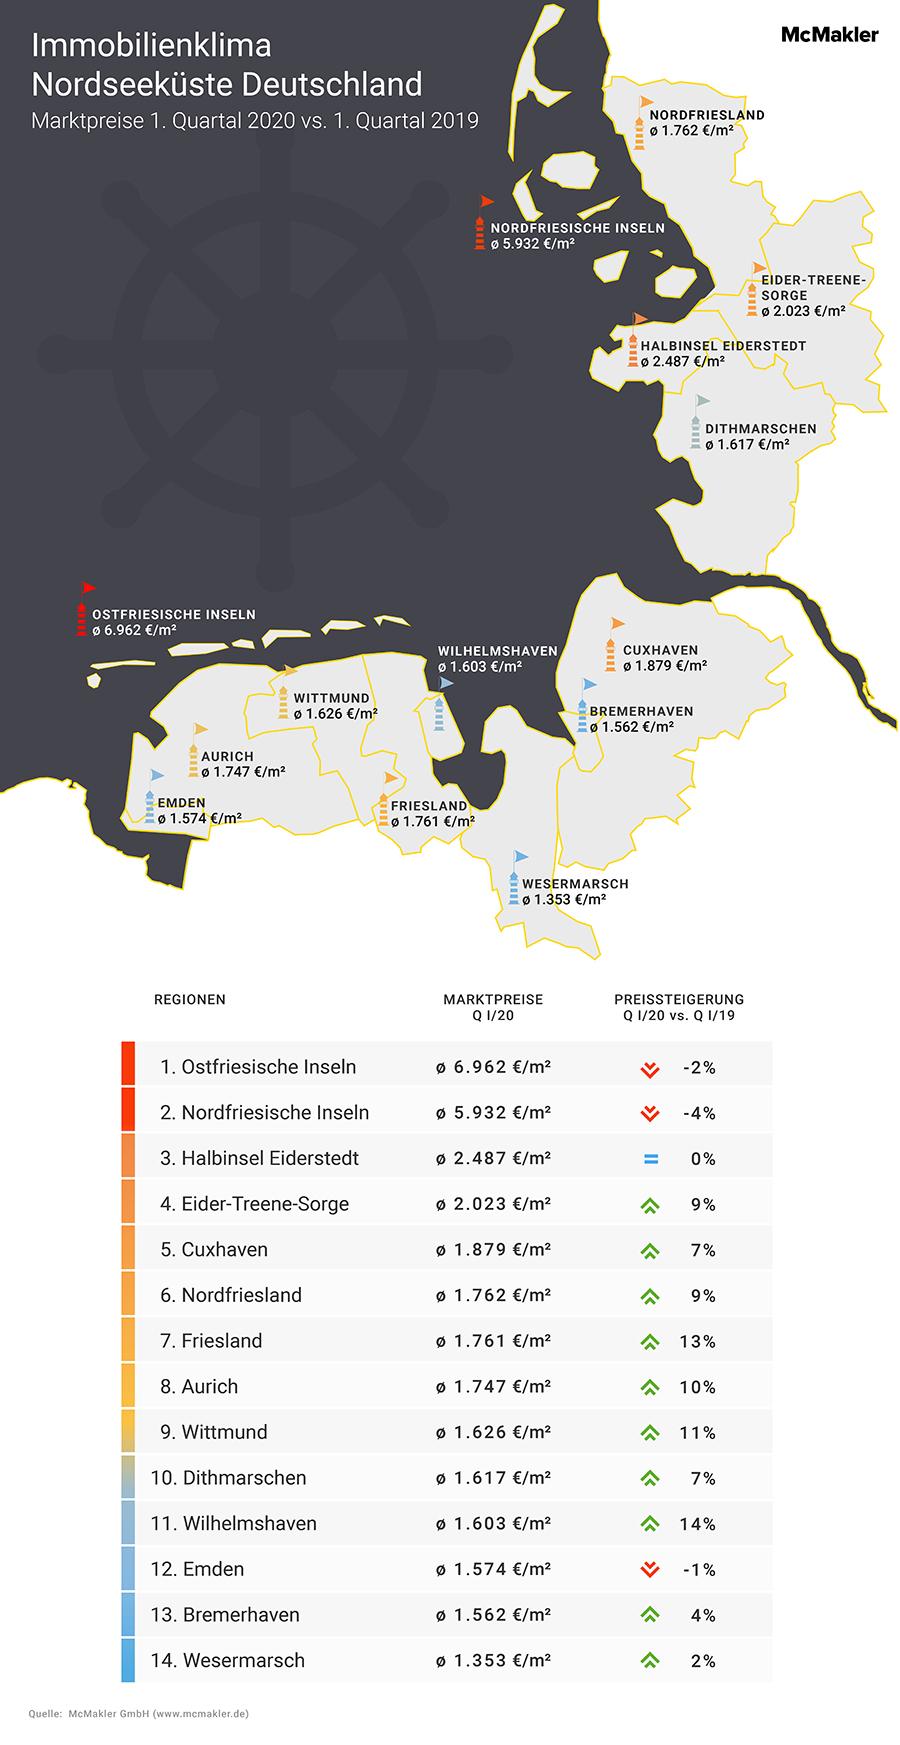 McMakler Analyse Immobilienklima Nordsee Bestandsbauten Tabelle und Karte